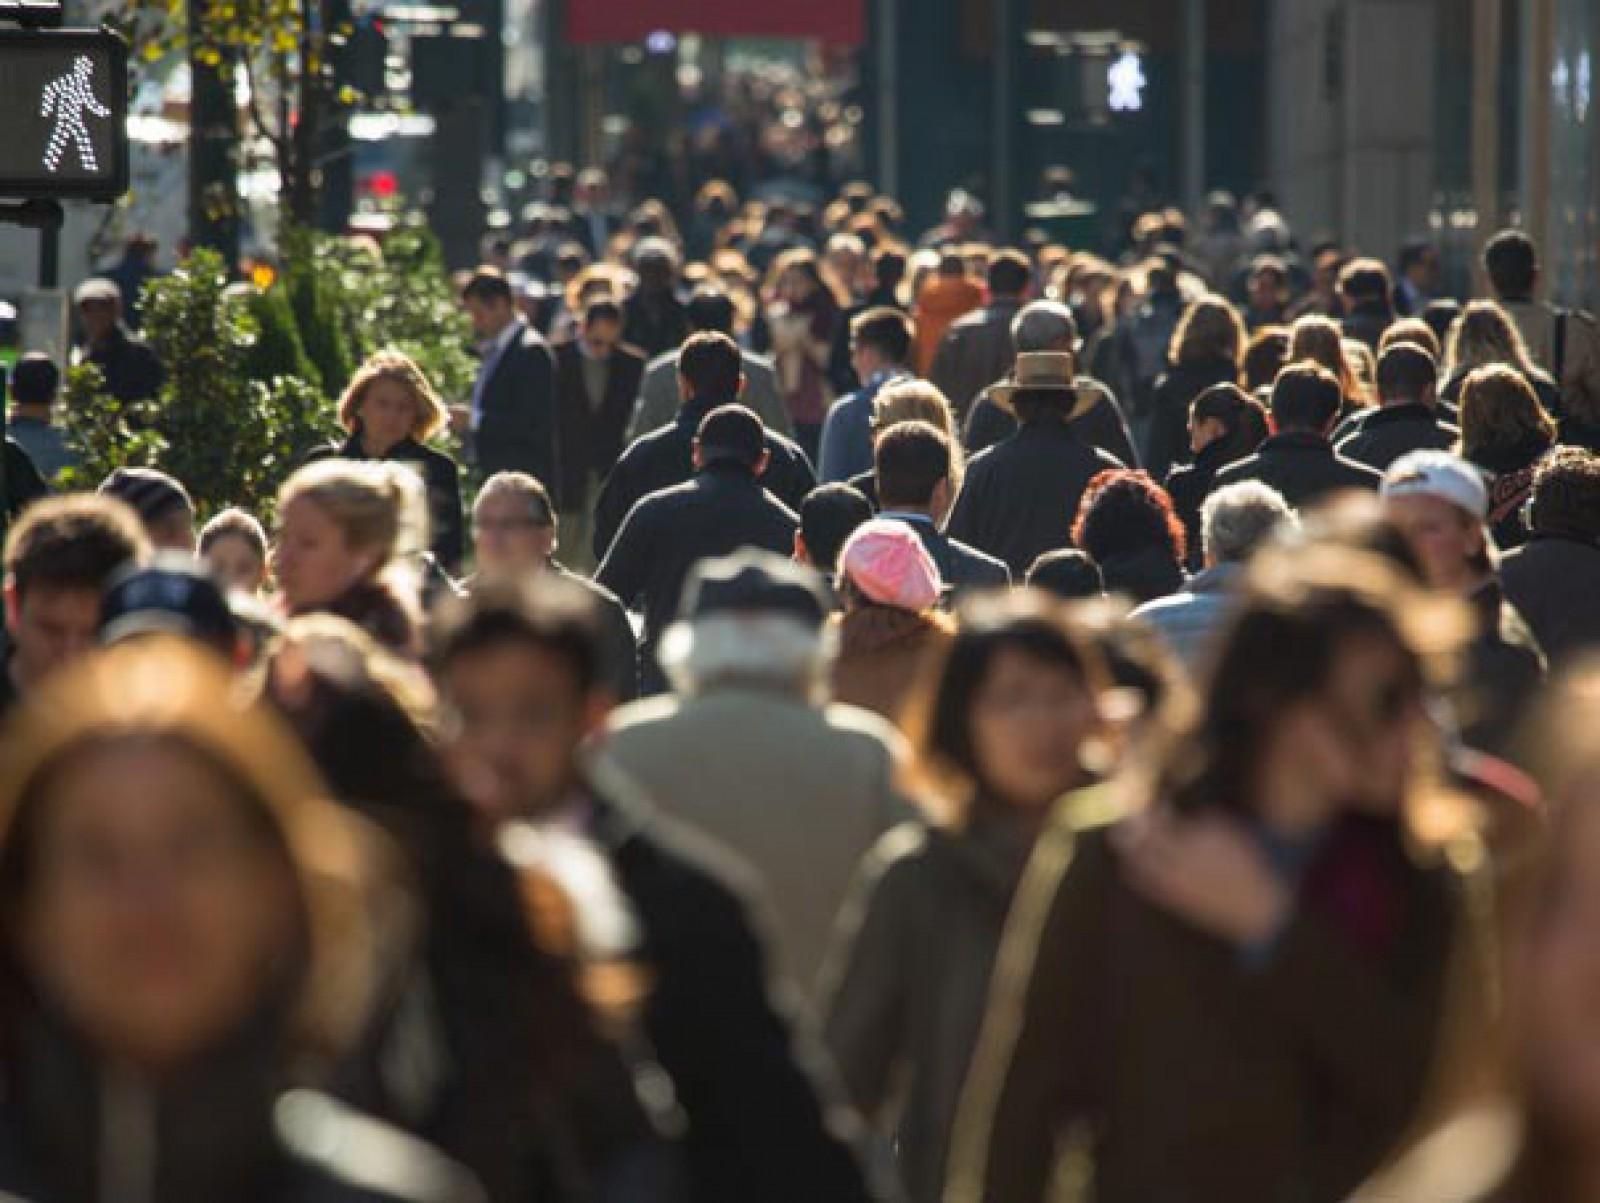 Studiu: Oamenii îşi petrec majoritatea timpului în 25 de locuri de-a lungul vieţii